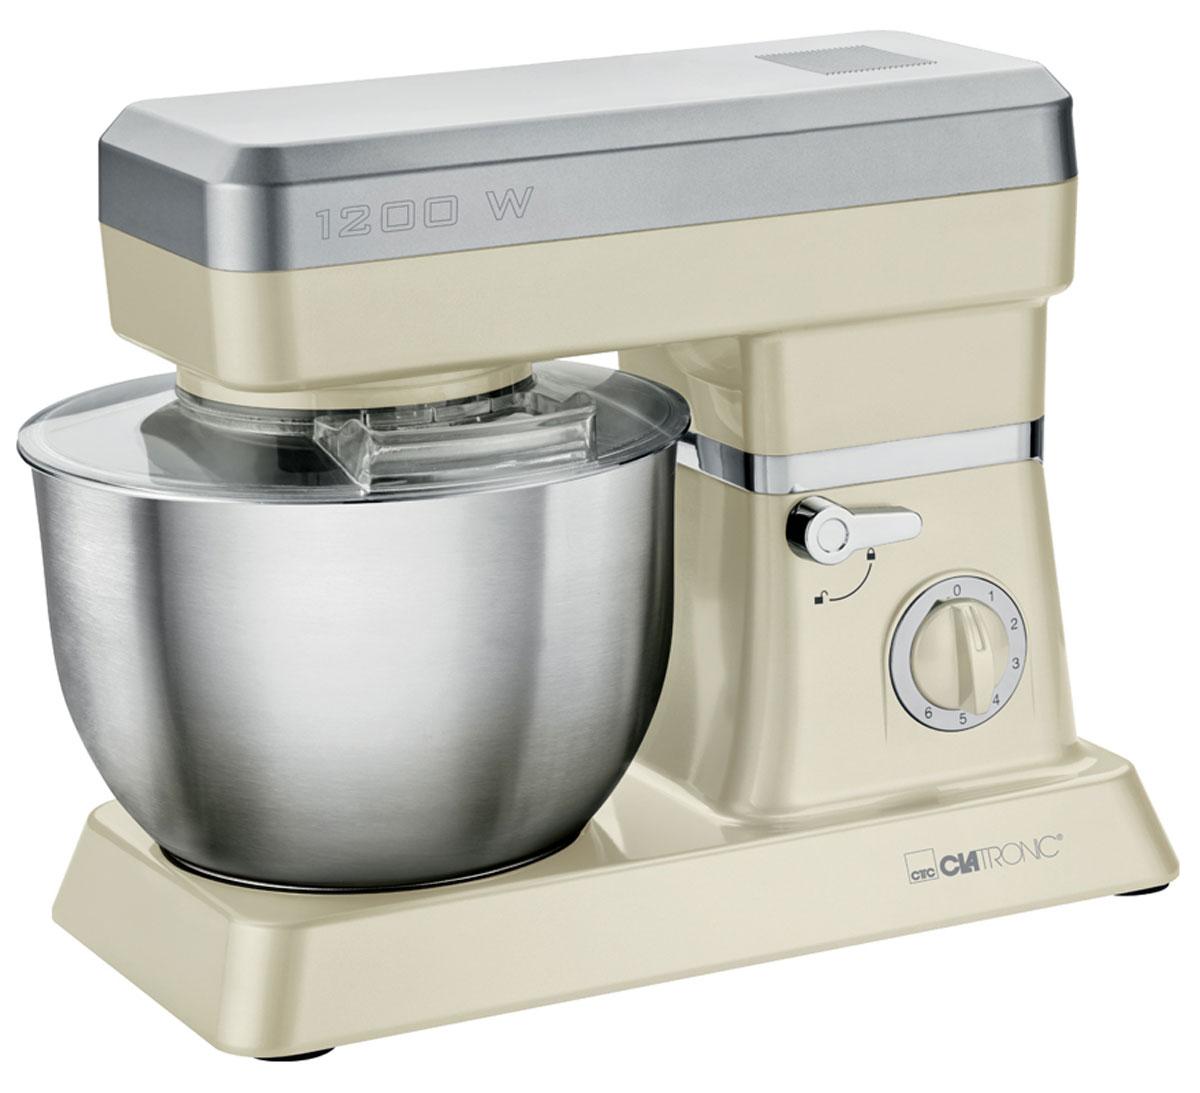 Clatronic KM 3630, Creme кухонный комбайнKM 3630 cremeСтационарный миксер Clatronic KM 3630 станет прекрасным помощником для любой хозяйки С ним вы сможете готовить невероятно вкусные и аппетитные блюда, при этом сократив время их приготовление. Основным назначением прибора является изготовление различных видов теста и кремов. Миксер качественно и быстро перемешивает различные ингредиенты, что дает возможность избежать комочков. Clatronic KM 3630 снабжен чашей из нержавеющей стали и механической системой управления. 6 скоростей замешивания + импульсный режим обеспечат наилучший результат. Поворотный рукав на 35° Чаша из нержавеющей стали Быстрозажимной патрон Легко разбирается для мытья и чистки